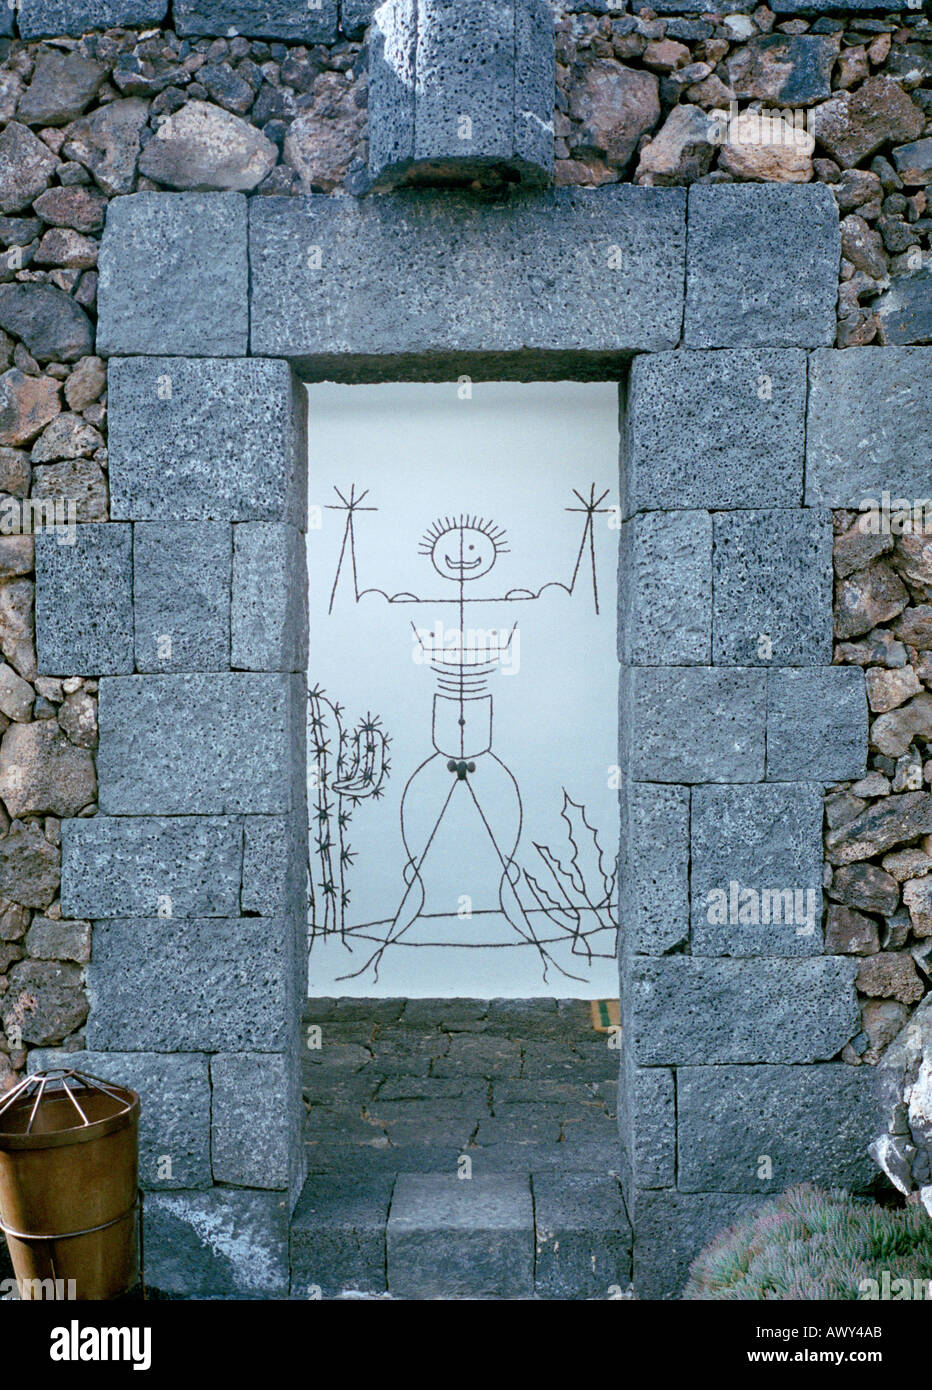 El hombre caricatura por César Manrique en el jardín de cactus en Lanzarote para indicar los aseos públicos Imagen De Stock